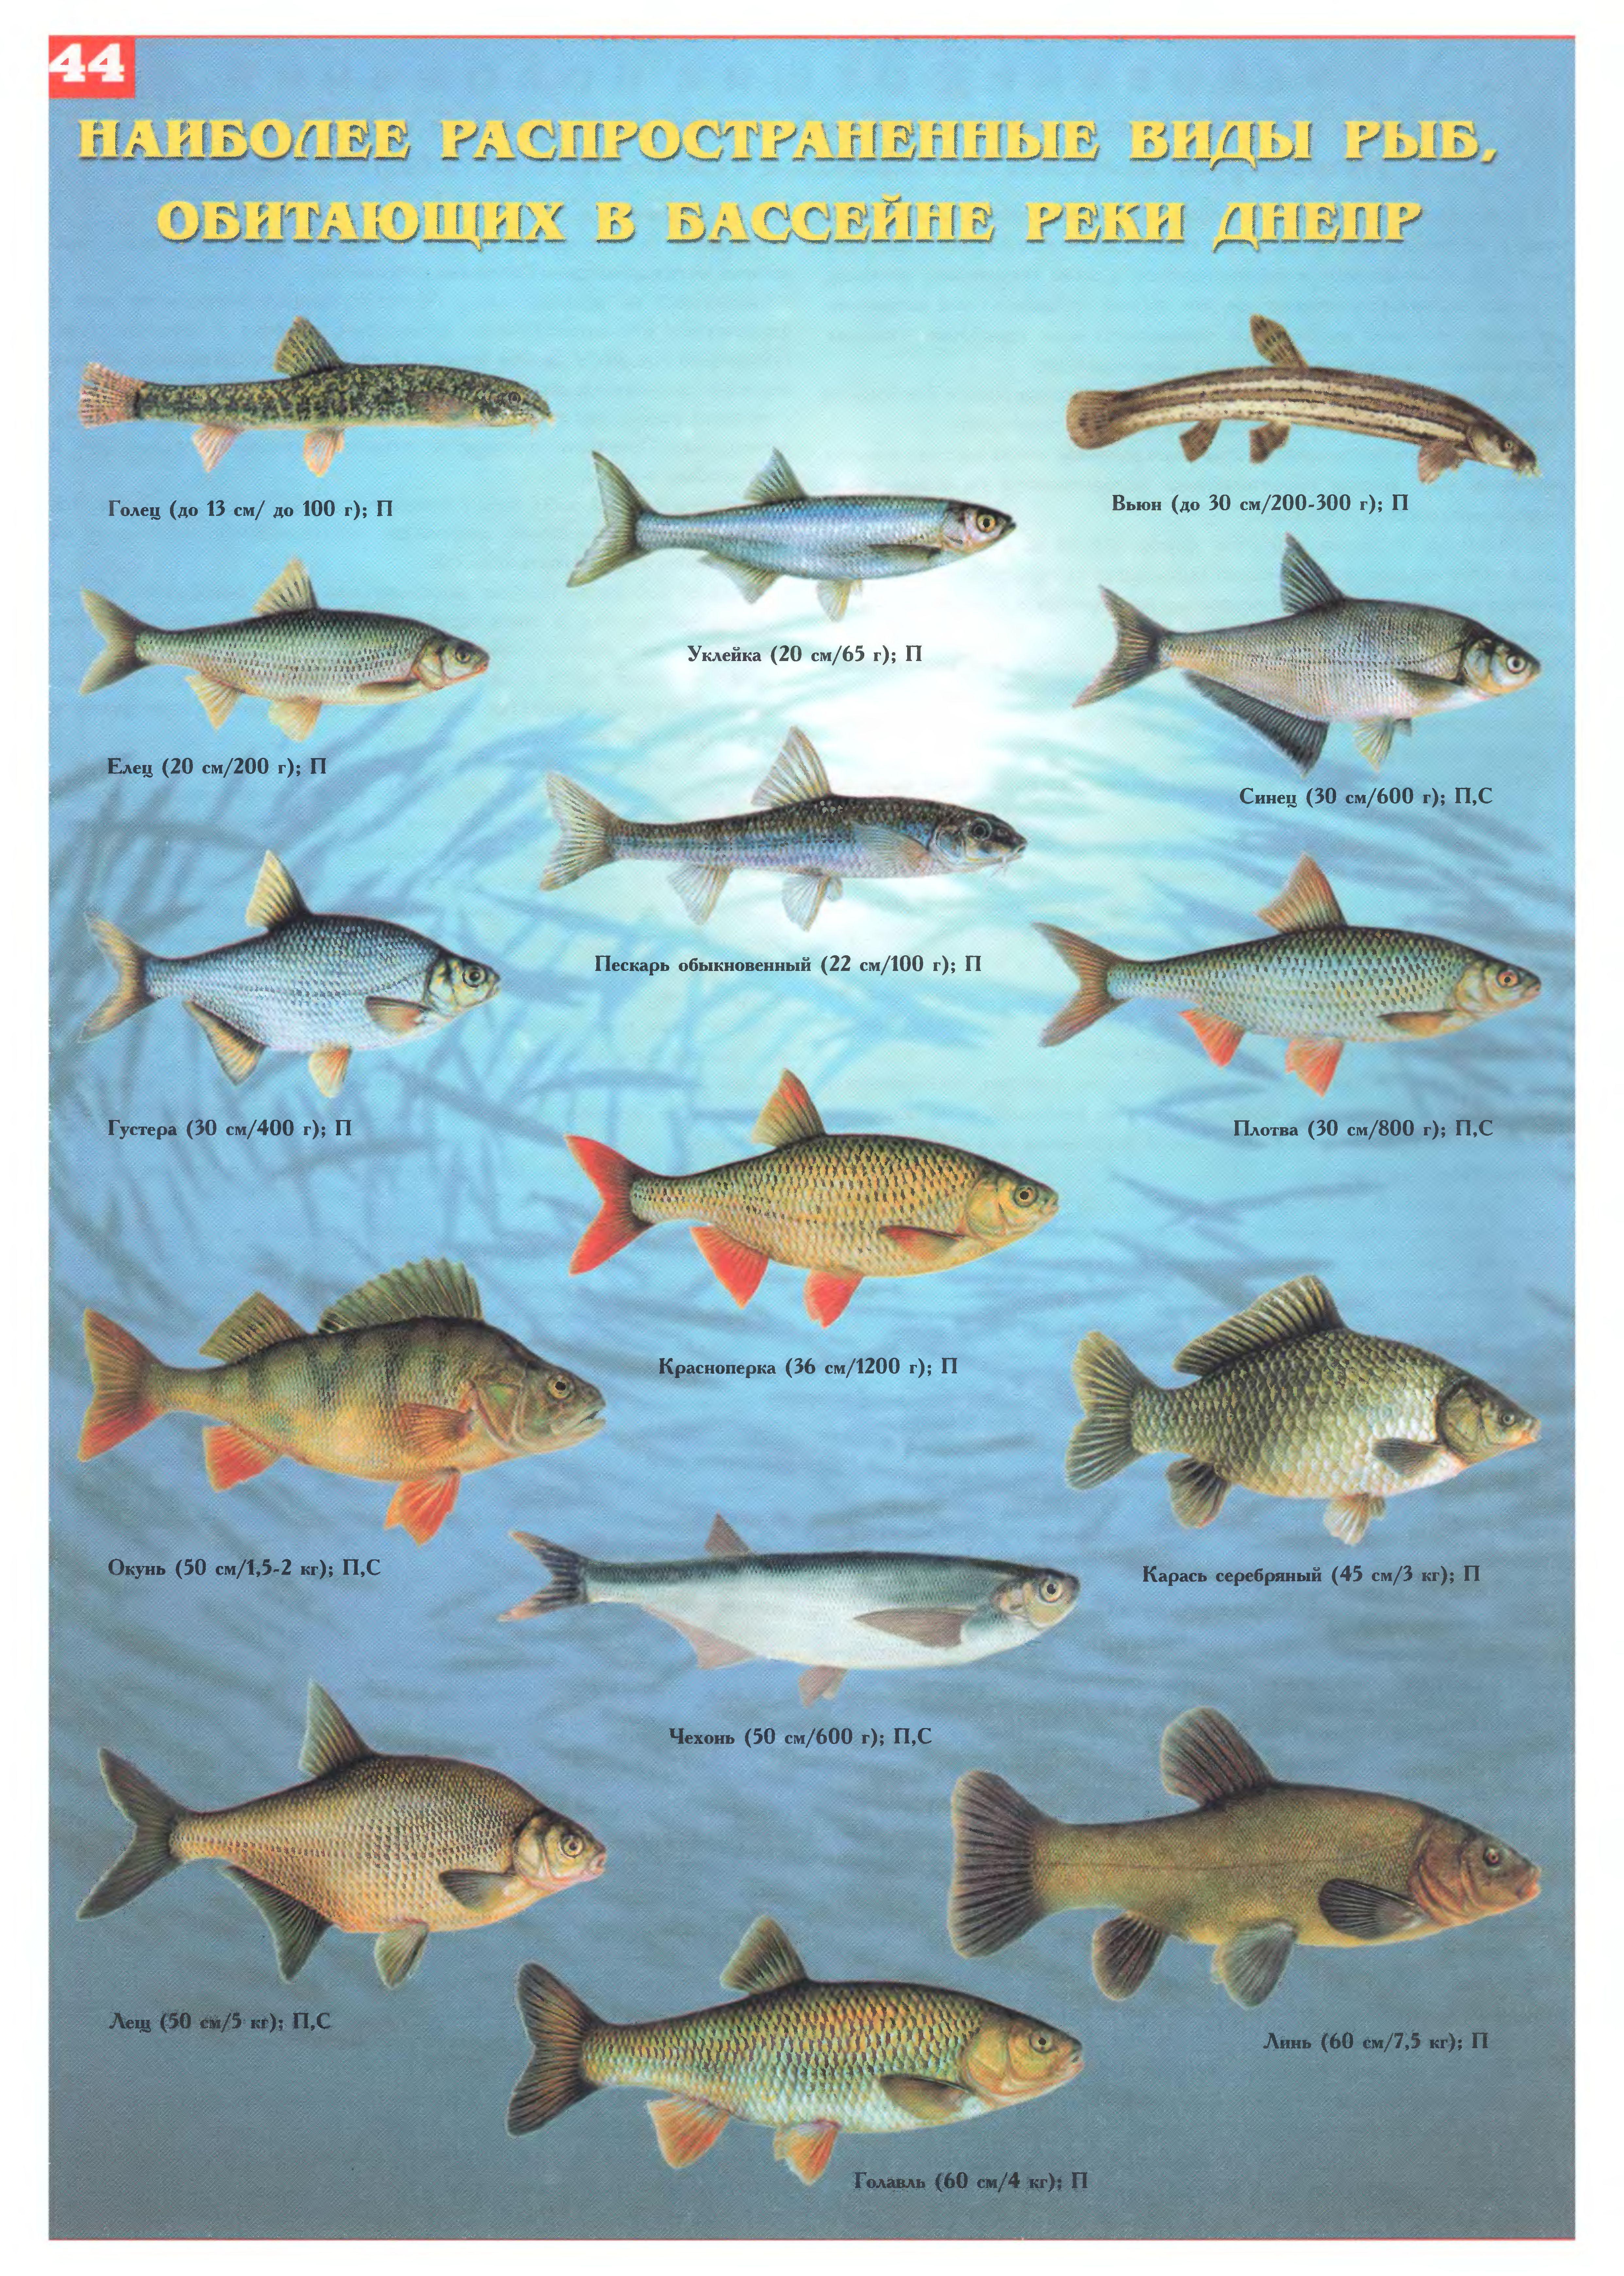 того, какие пресноводные рыбы украины фото и названия миф ненавязчиво